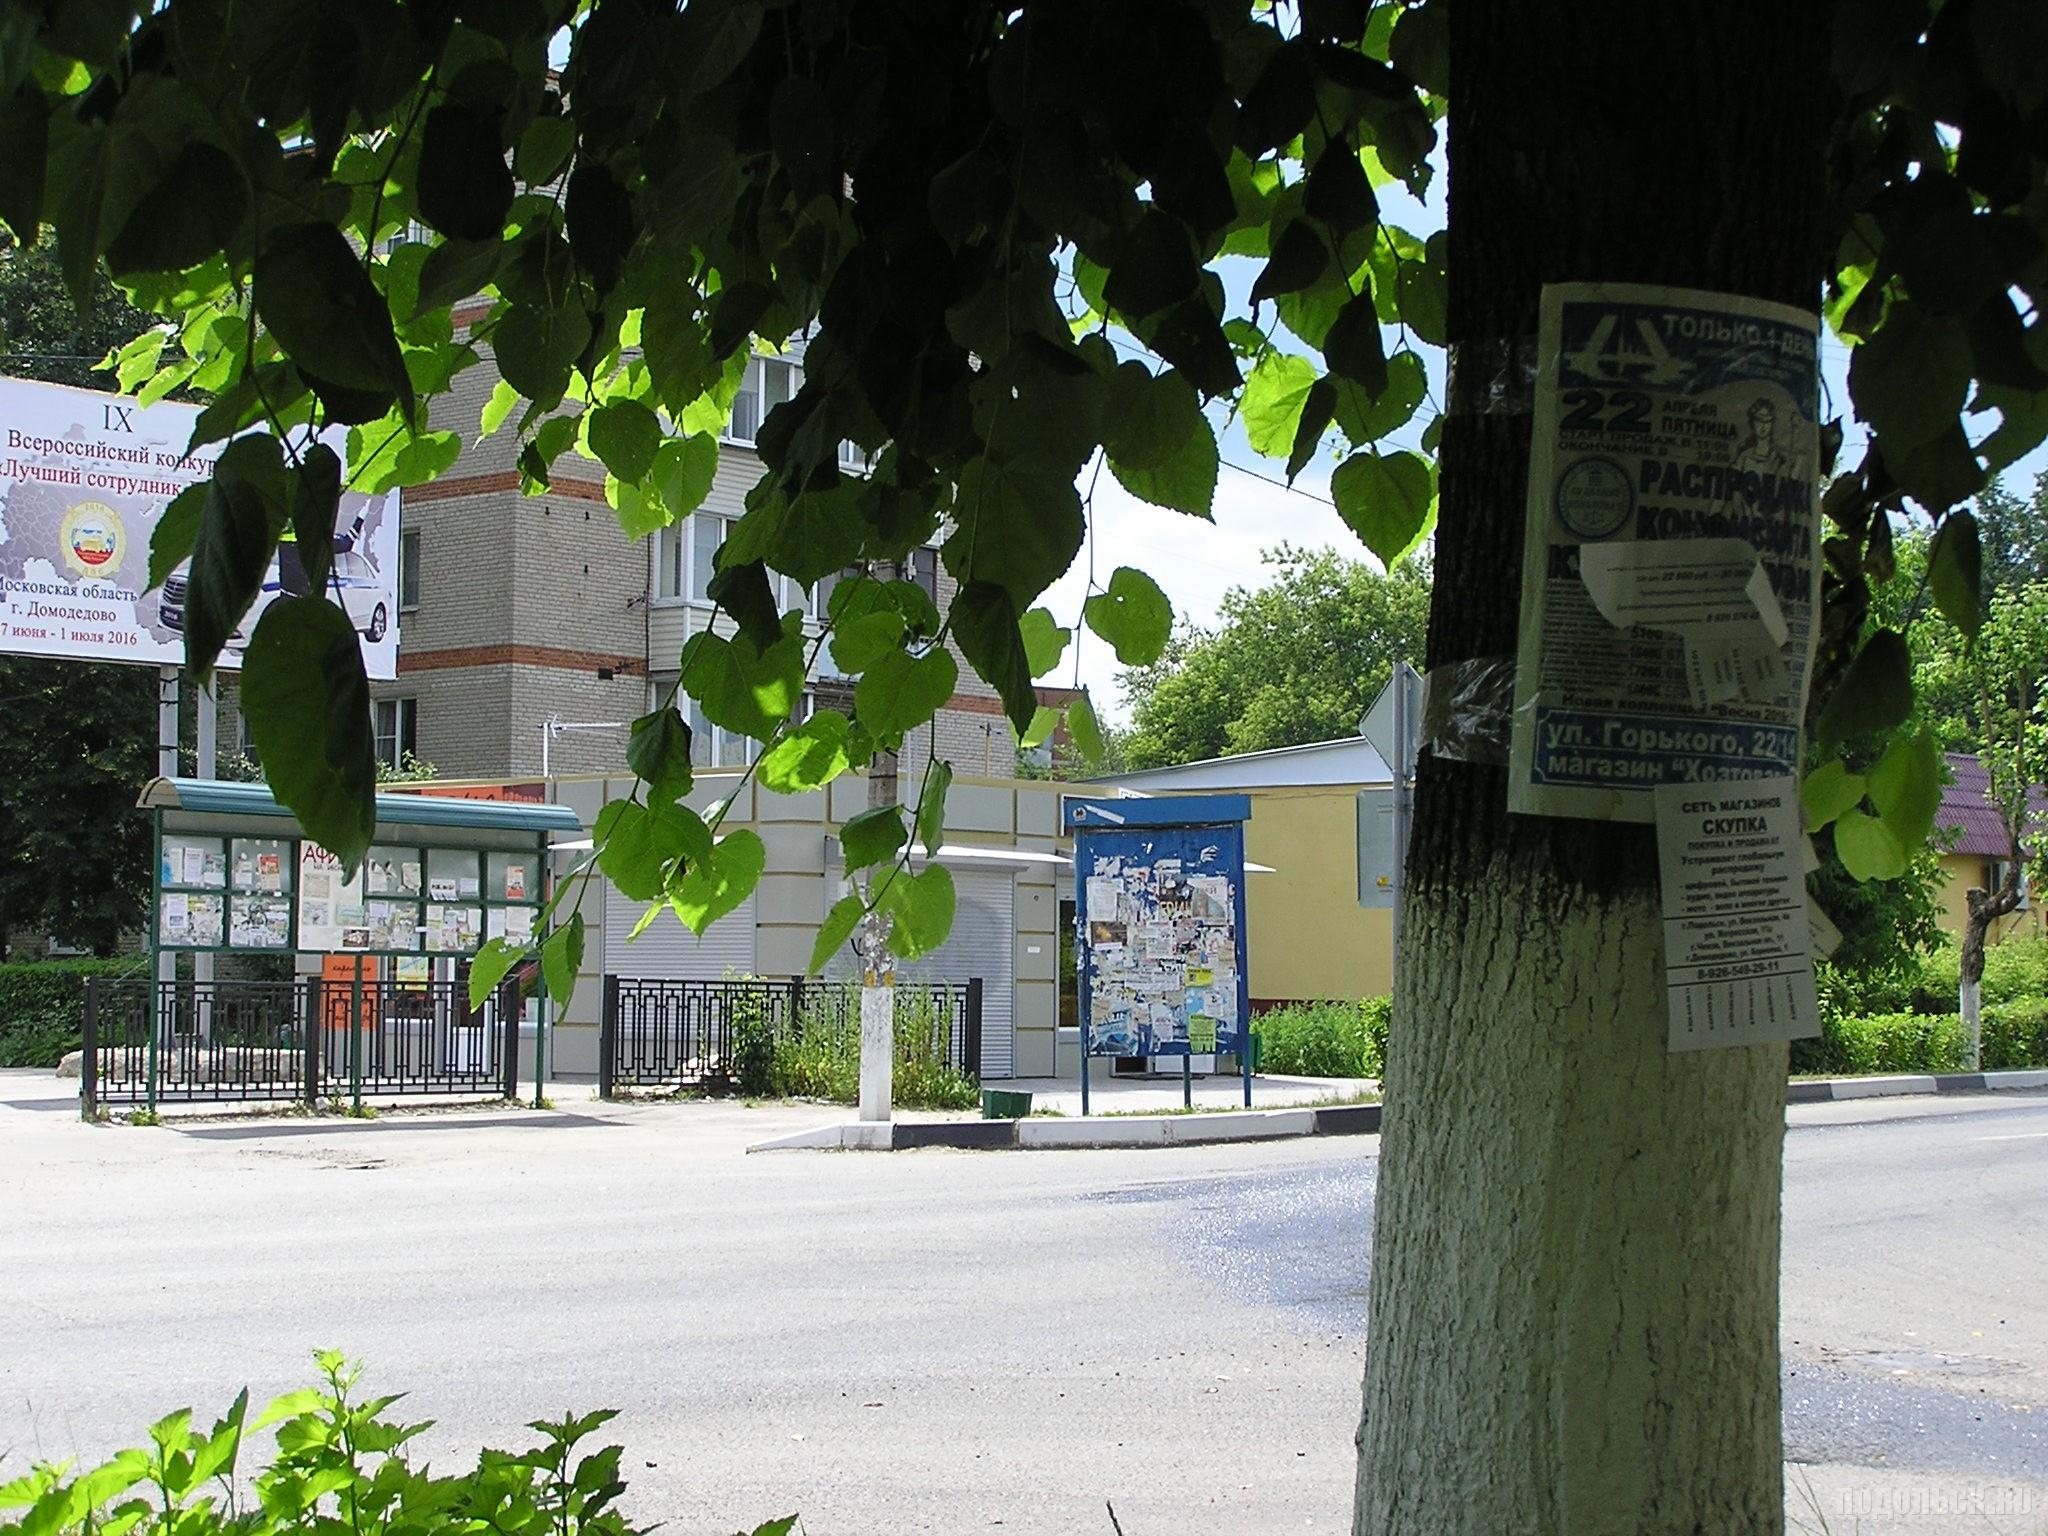 Царство объявлений. Улица Горького. 27 июня 2016 г.